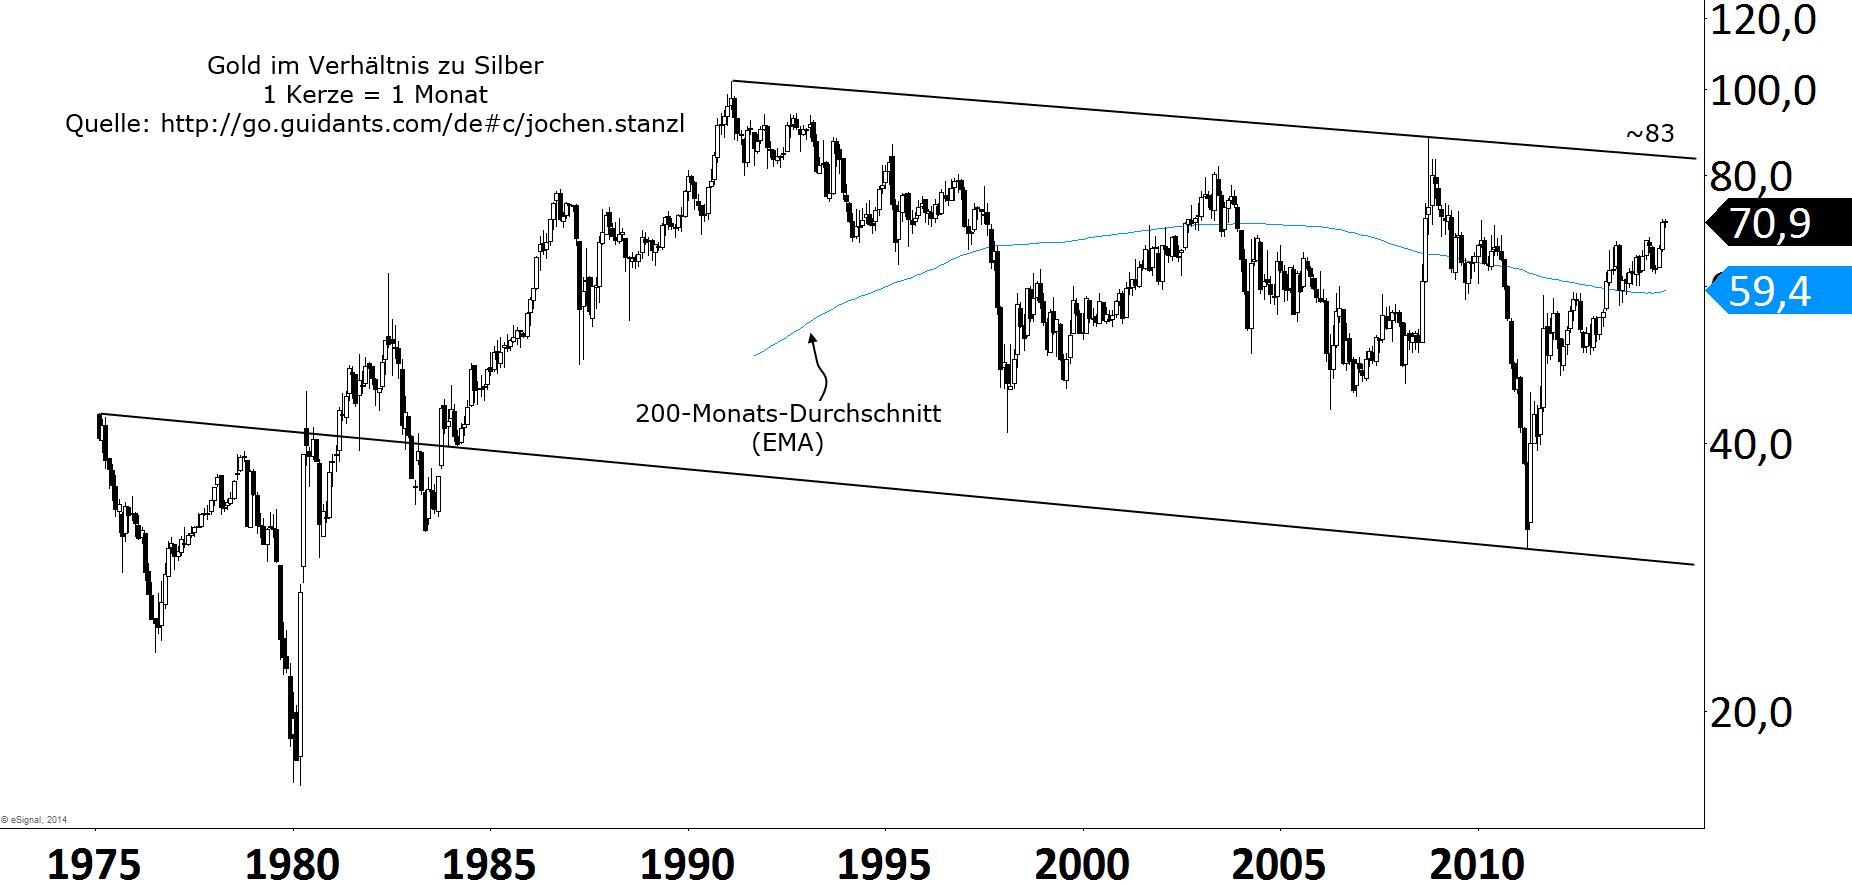 Strong-Buy-für-Silber-Das-Mysterium-der-XAG-Moves-Chartanalyse-Jochen-Stanzl-GodmodeTrader.de-1